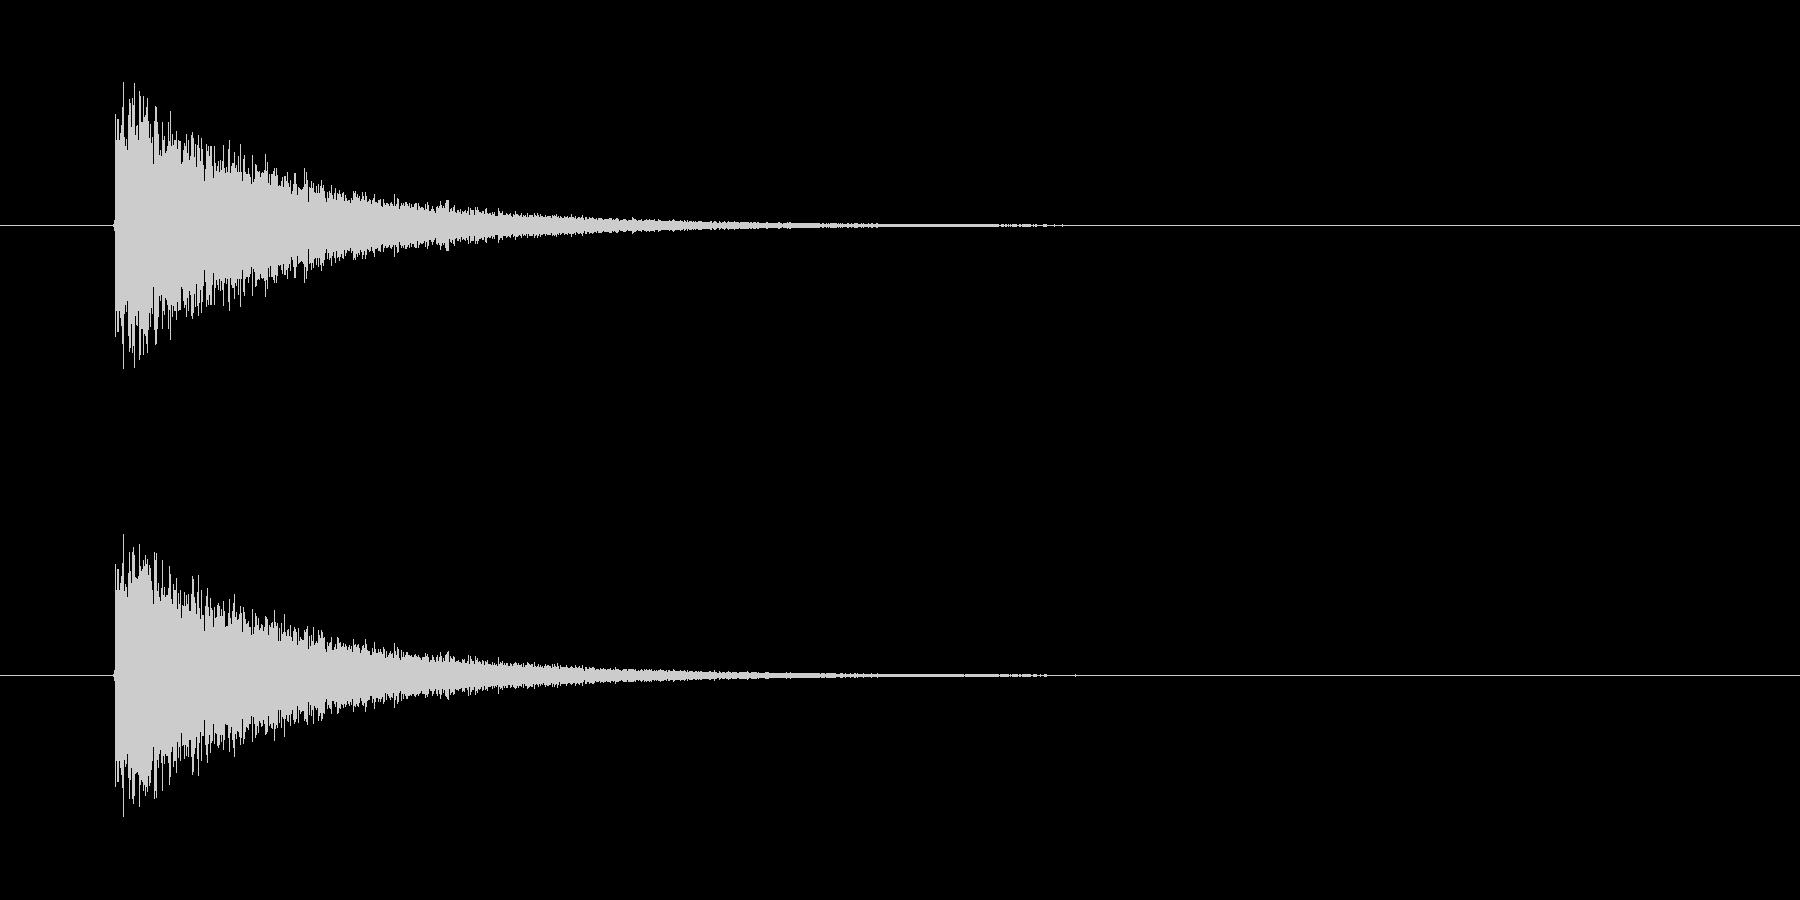 ピシューン! ミサイルの発射音です。の未再生の波形